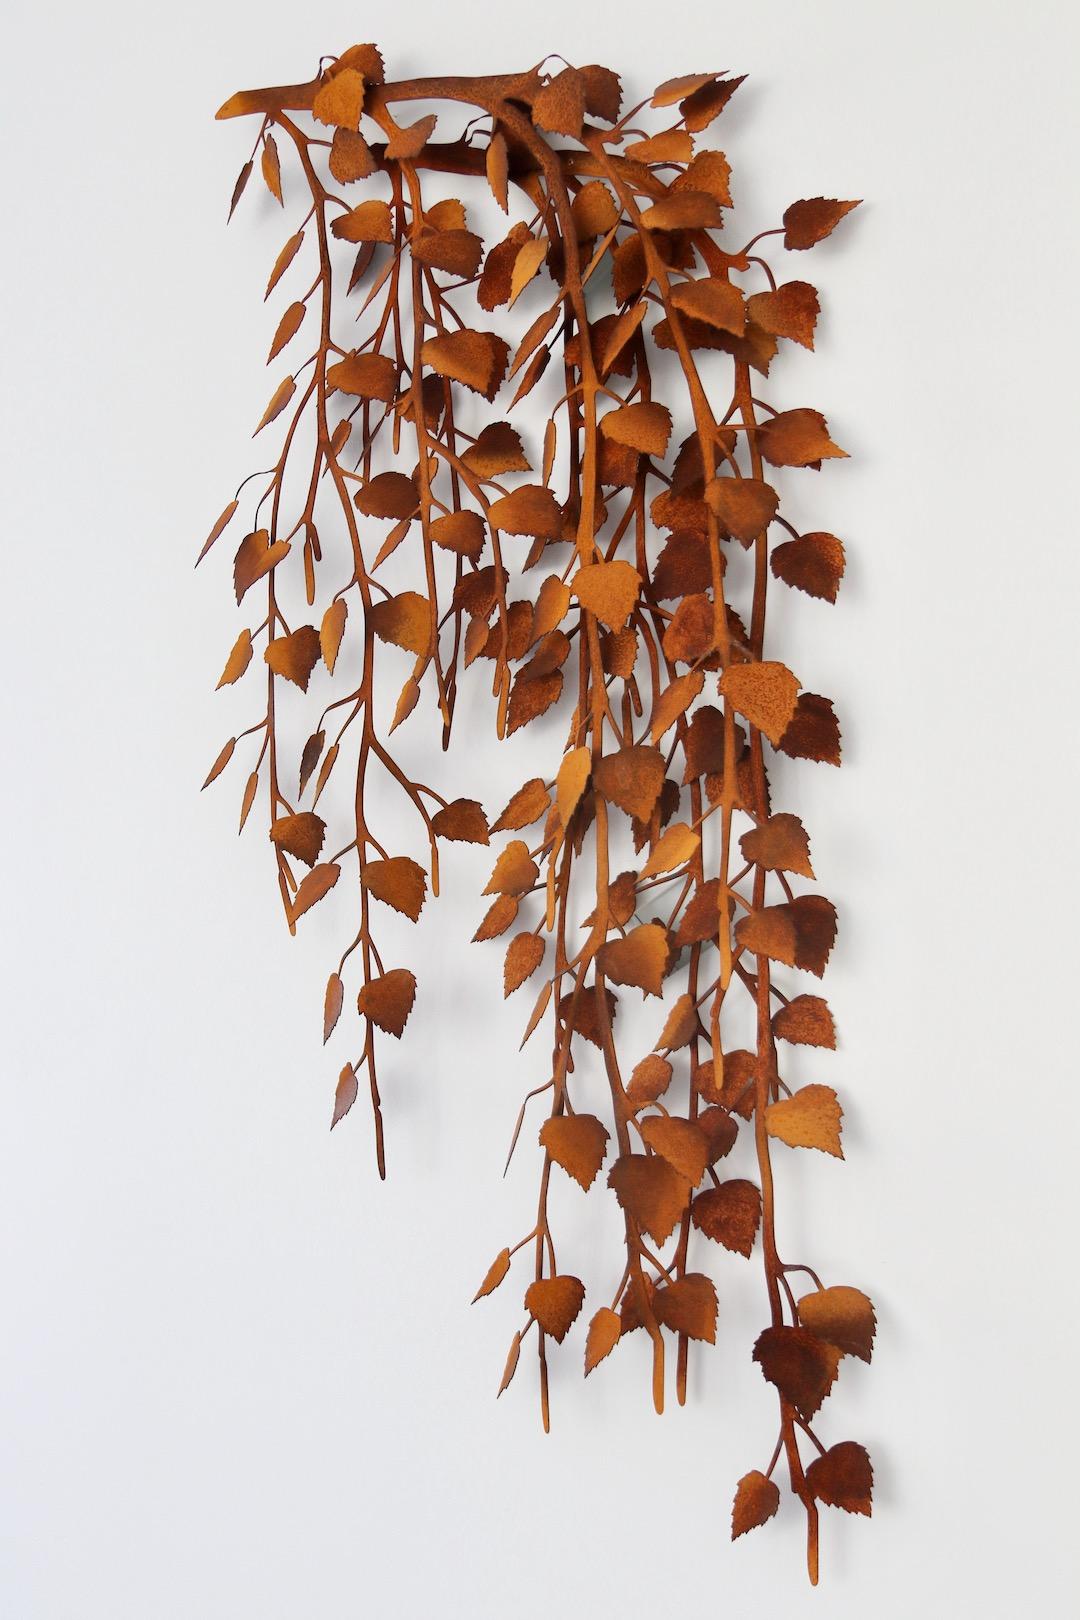 Instalacja gałęzie brzozy z cortenu